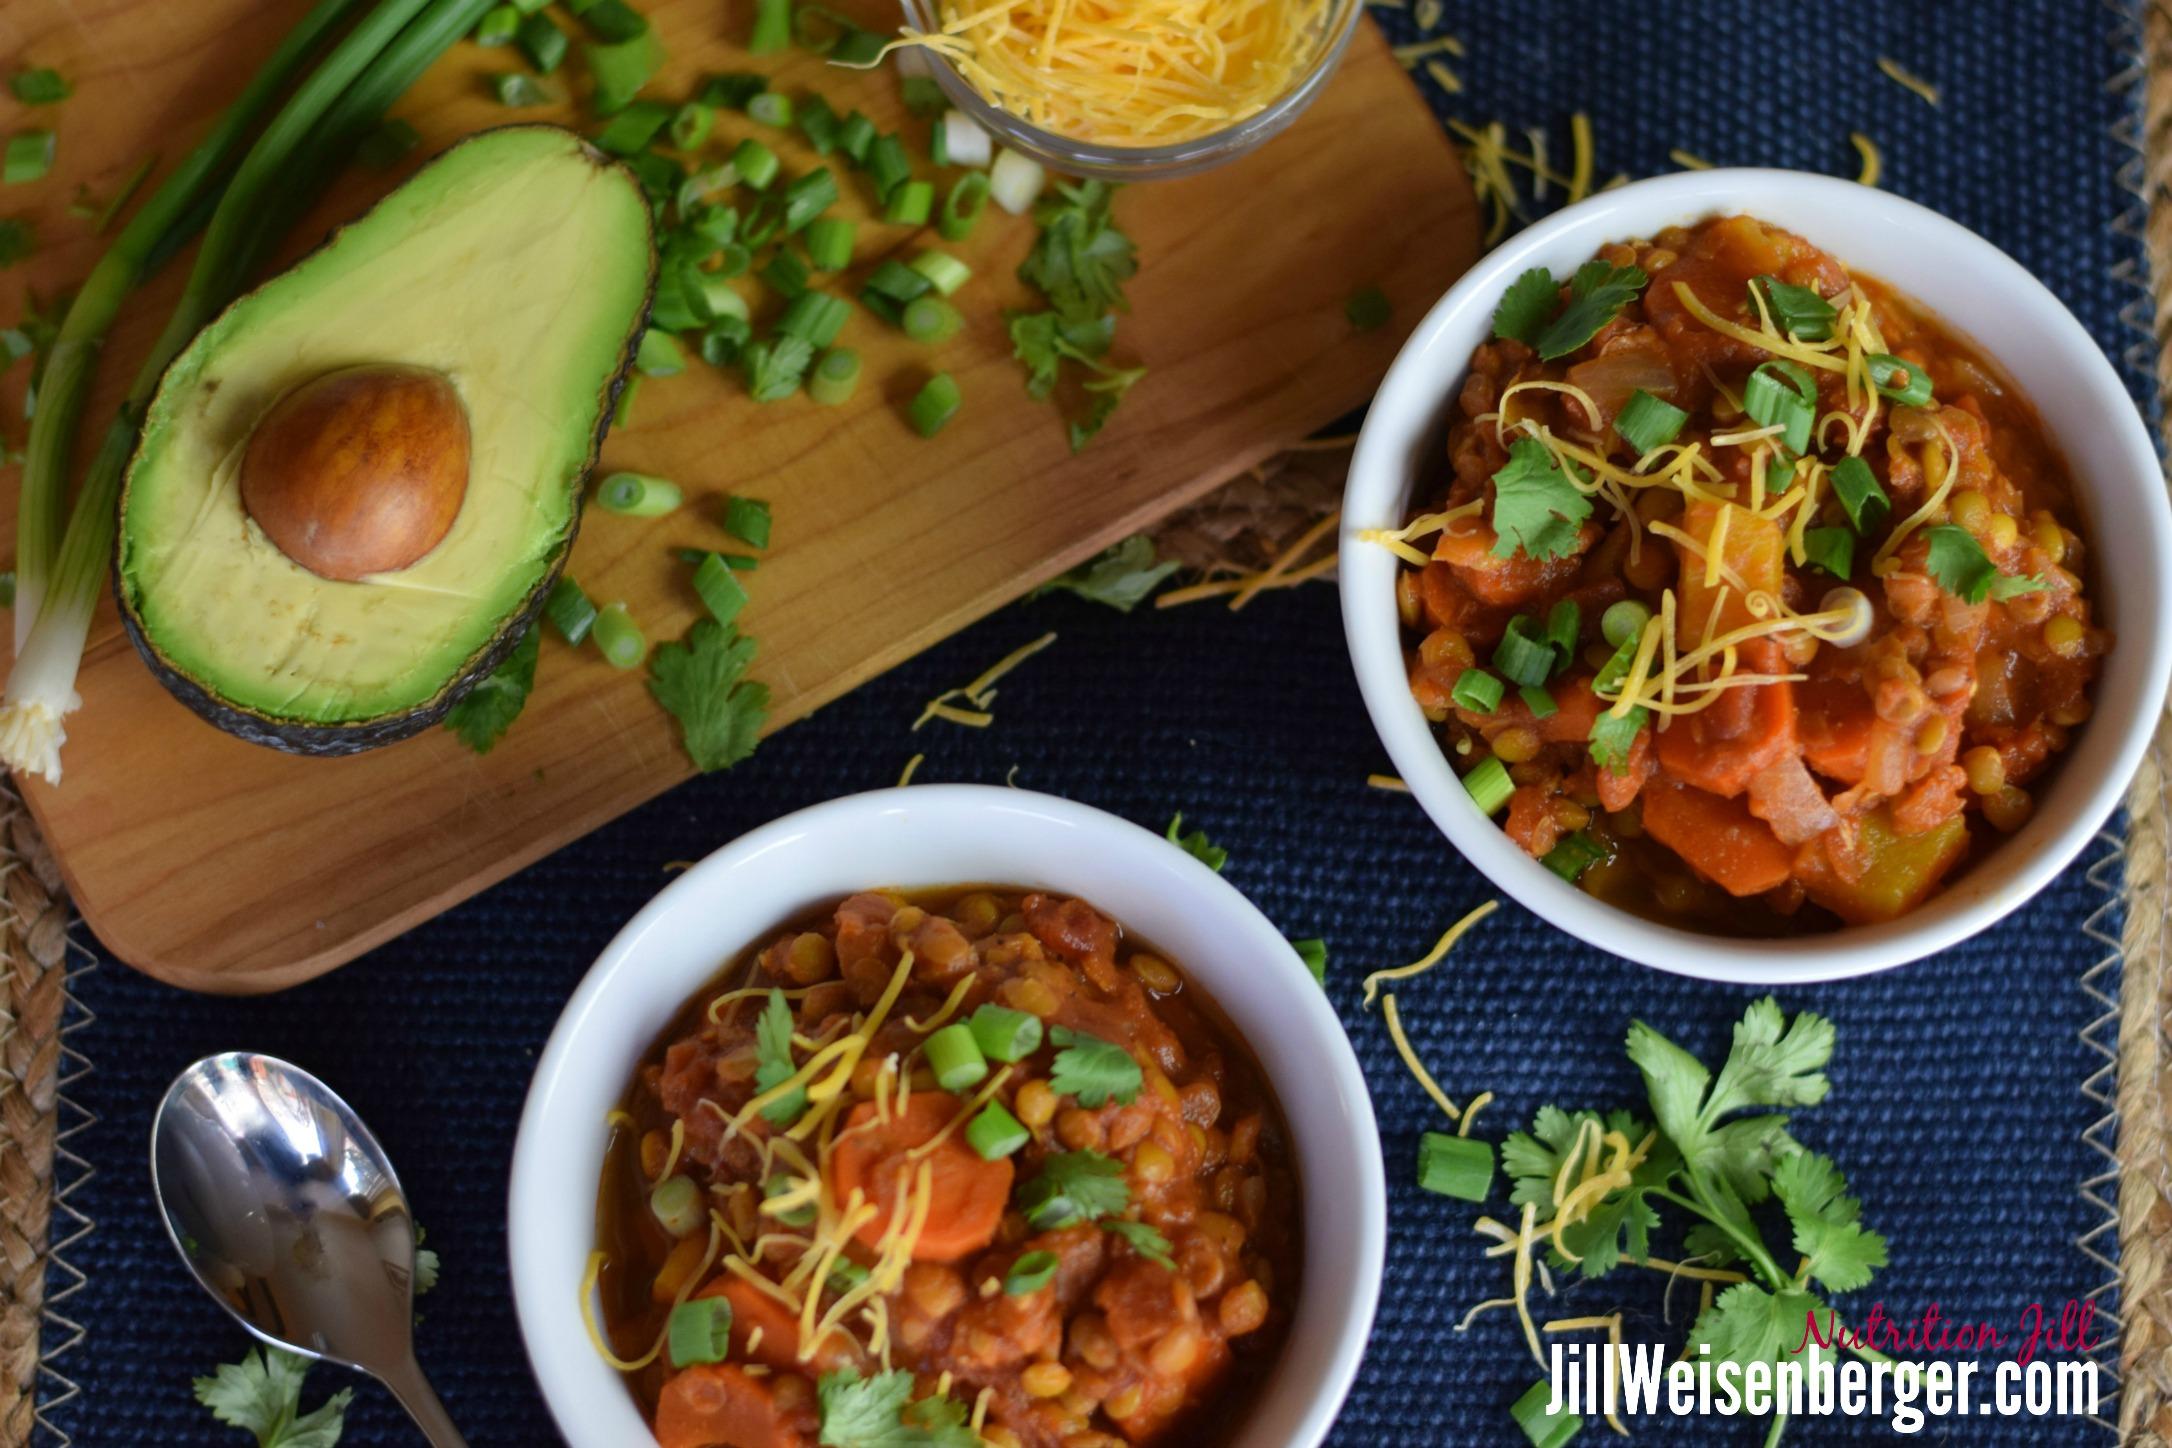 get fiber in lentil chili